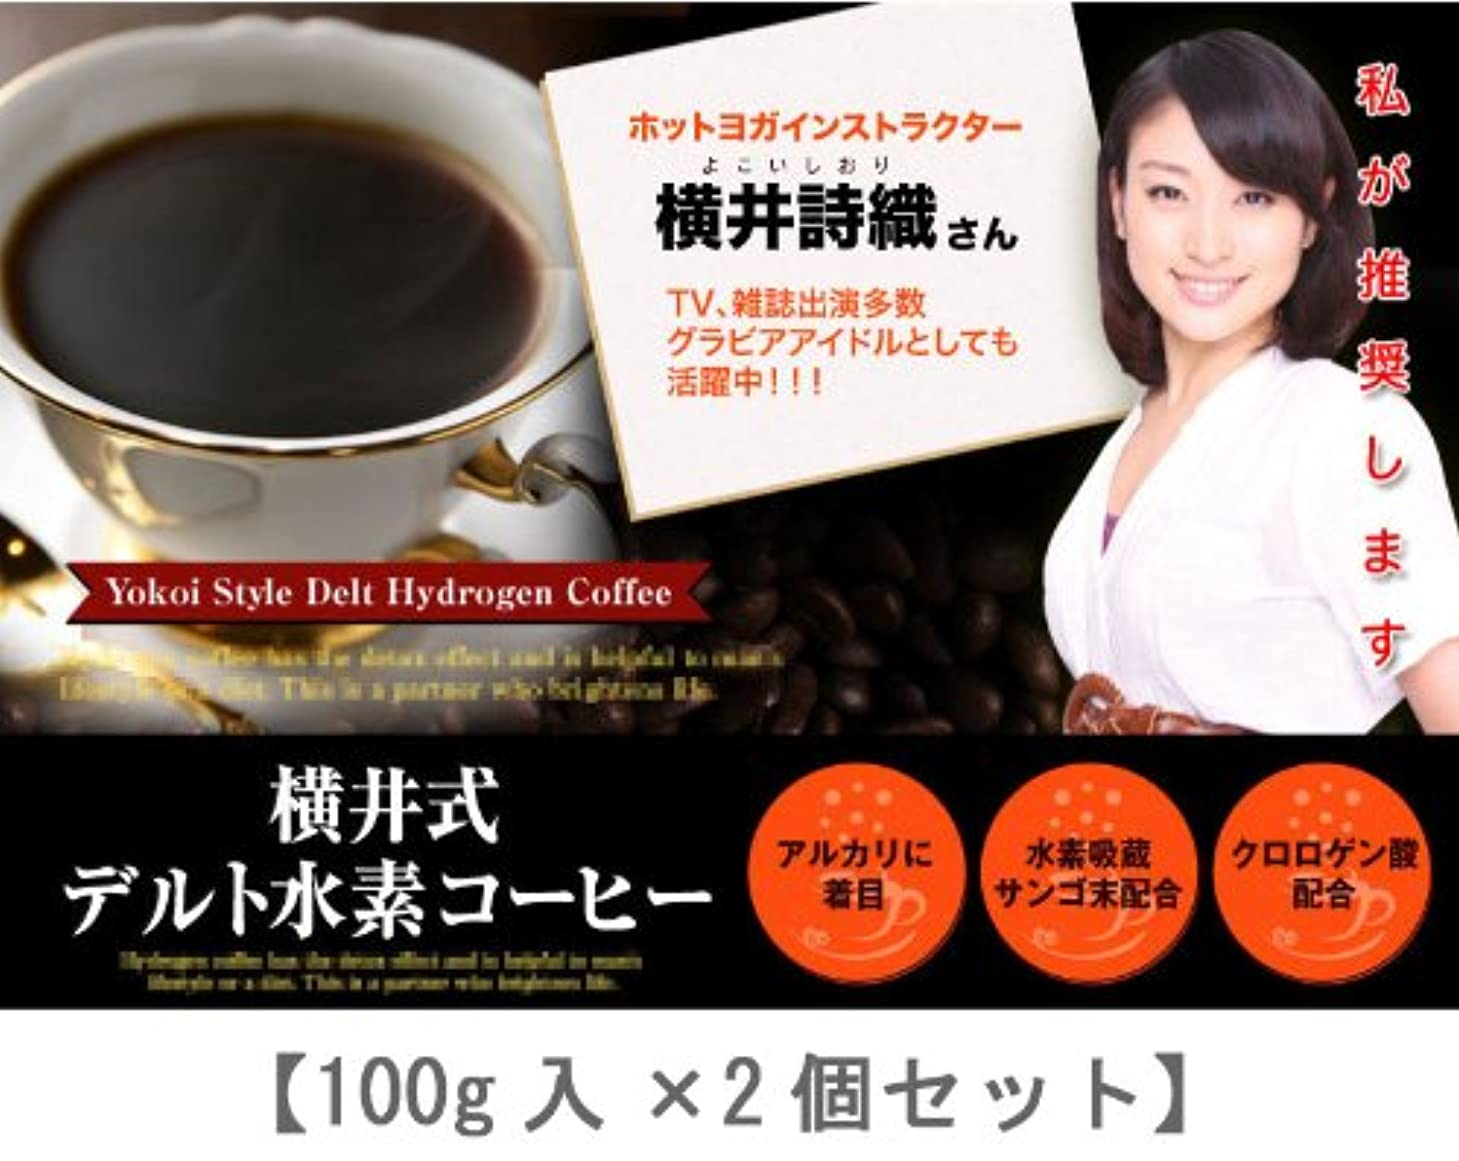 地下電池出撃者横井式デルト水素コーヒー 2個セット(水素配合ダイエットコーヒー)